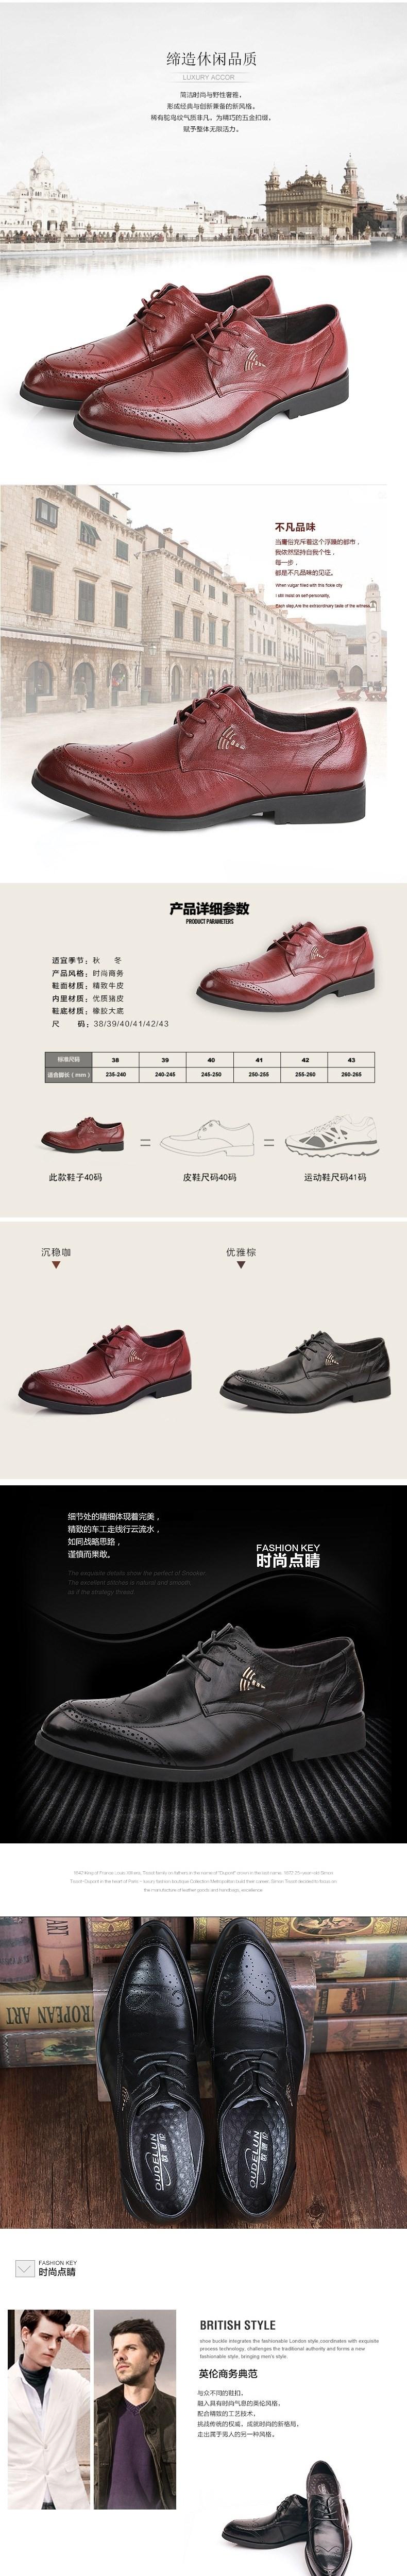 鞋类详情系列